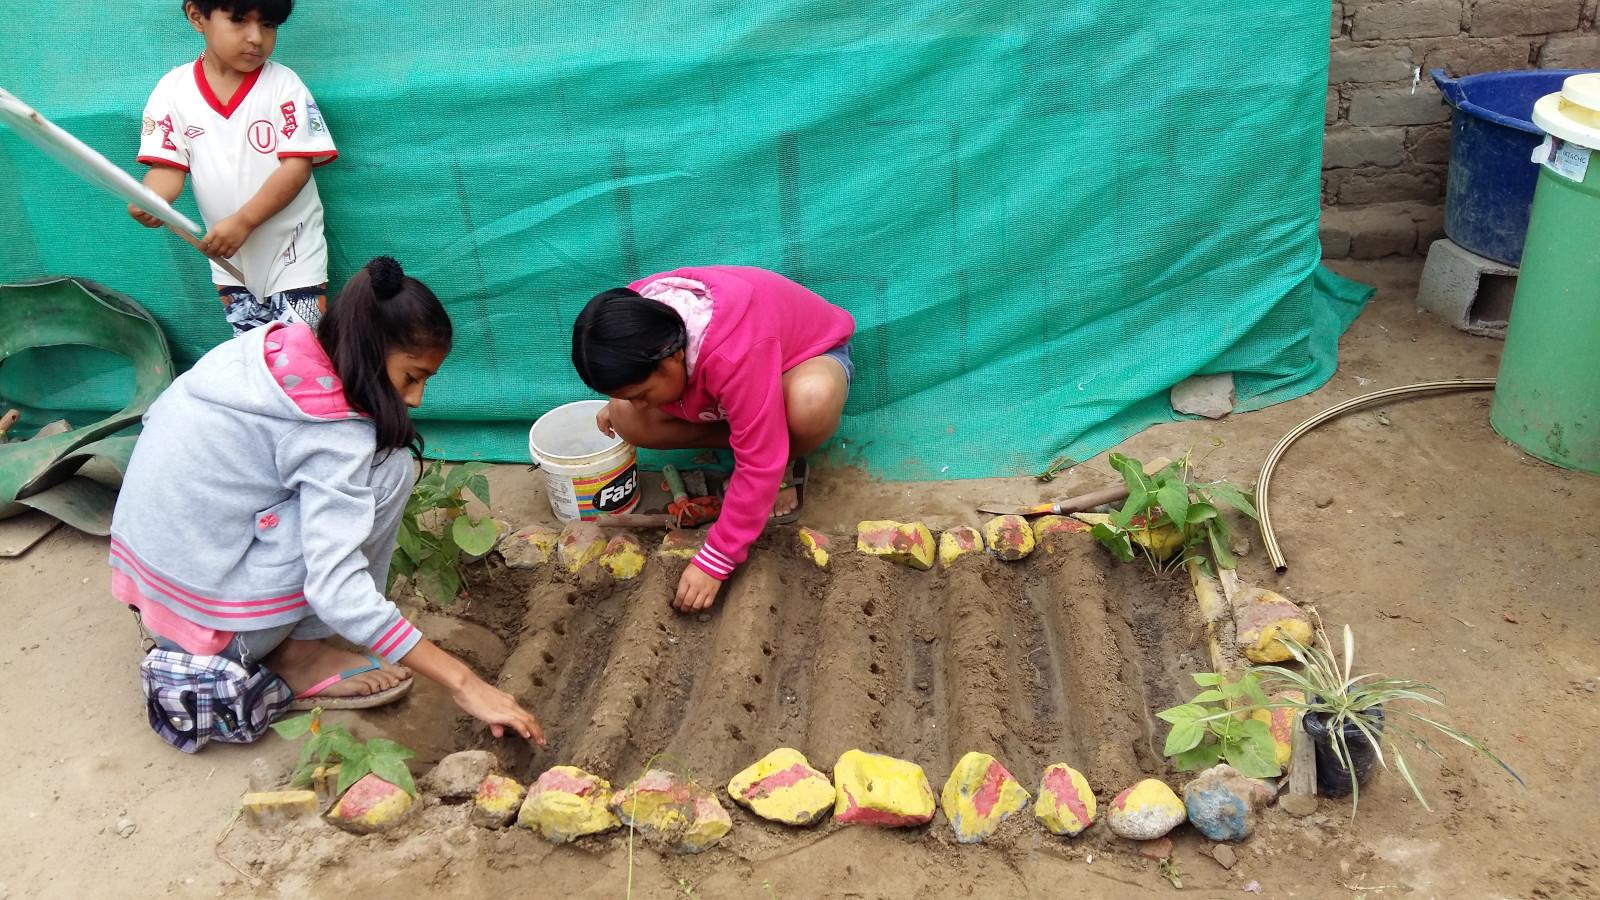 Promoviendo valores sociales y ambientales: Los beneficiarios aprenden la importancia de cuidar el medio ambiente y los unos a los otros.